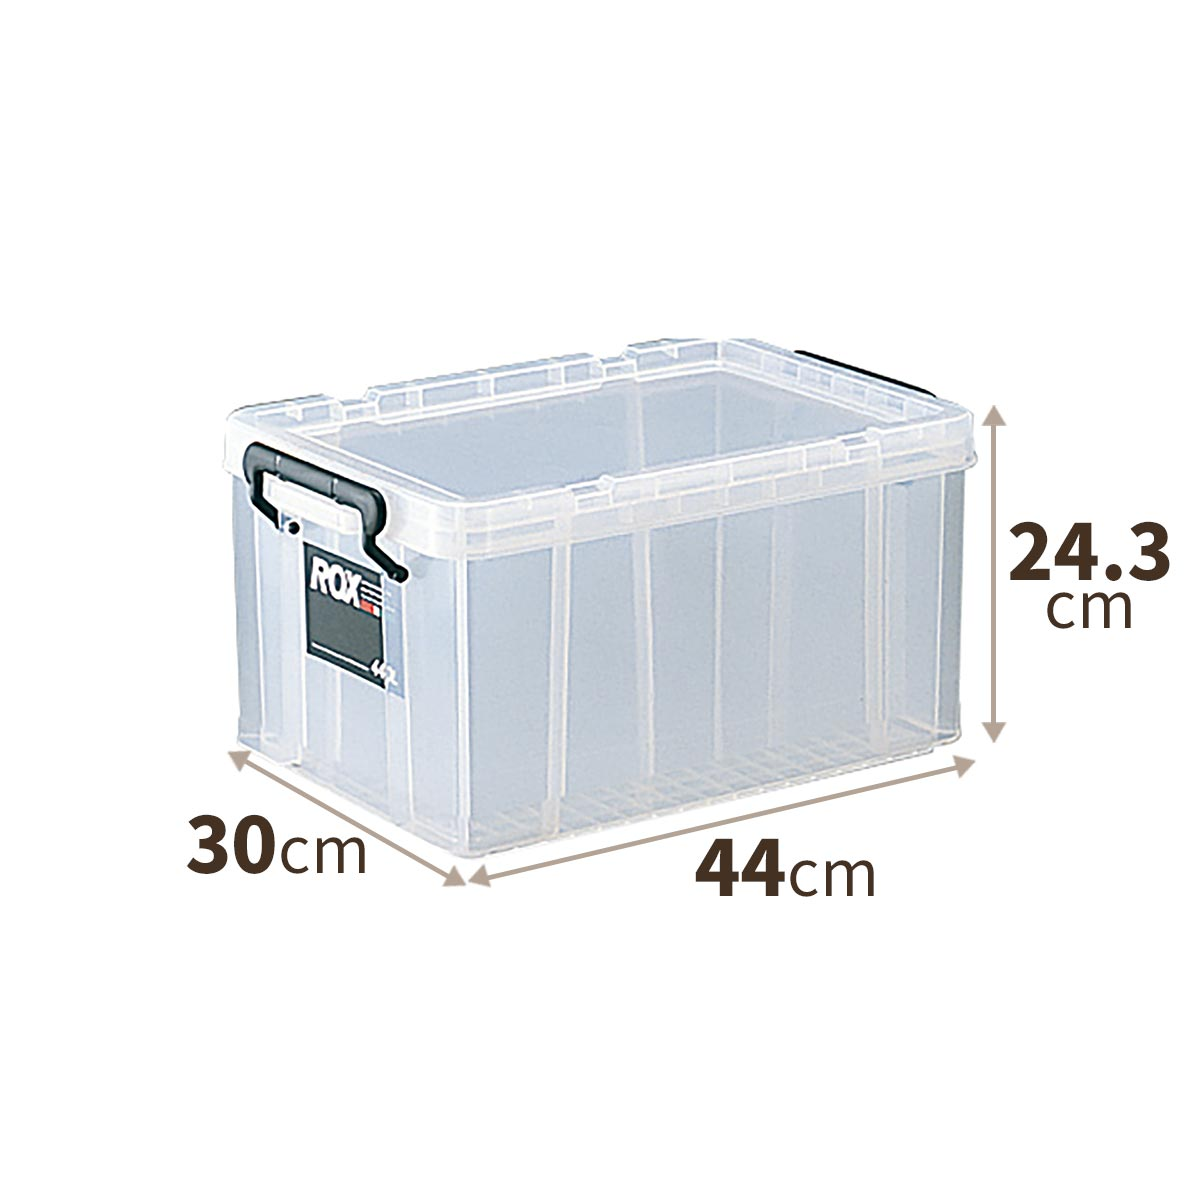 【8個セット】【通販限定】ロックス 440M衣装ケース プラスチック おしゃれ 収納ケース 押入れ収納 押入れ収納ケース クローゼット 収納 収納ボックス フタ付き 天馬